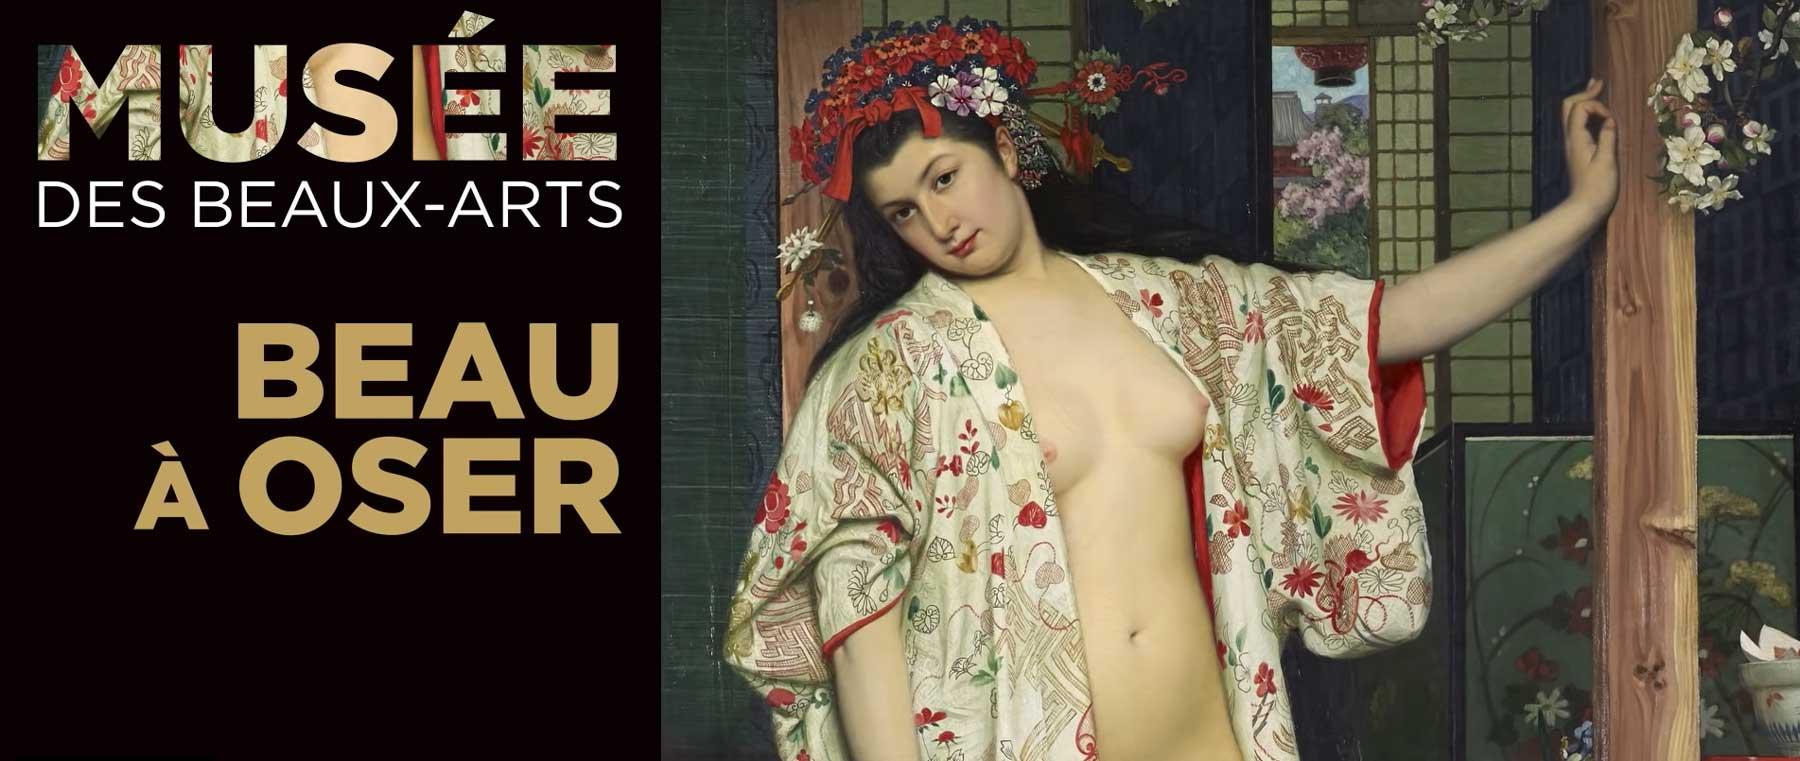 Musée des Beaux Arts de Dijon.... affiche de communication du Musée